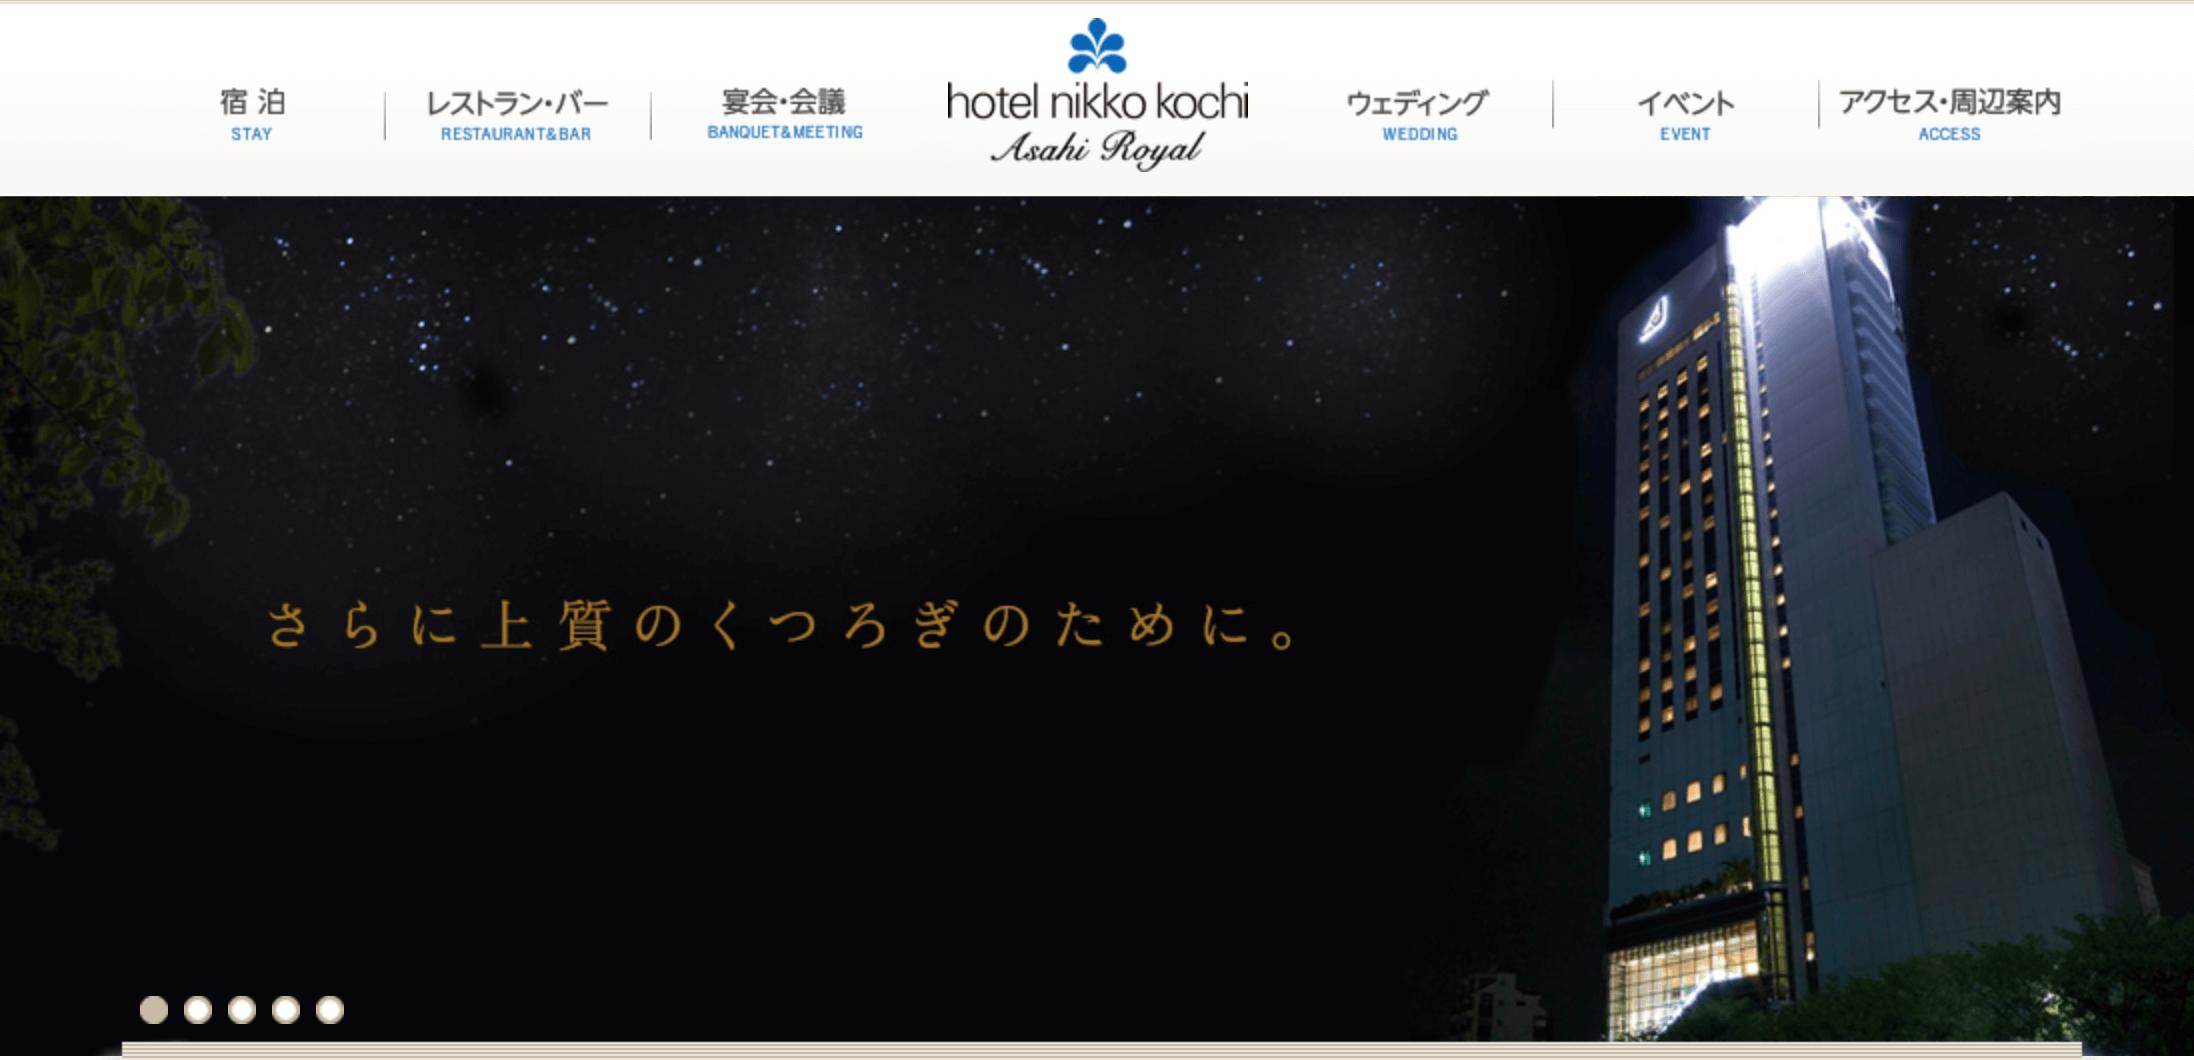 高知でパパ活におすすめなホテル「ホテル日航高知旭ロイヤル」